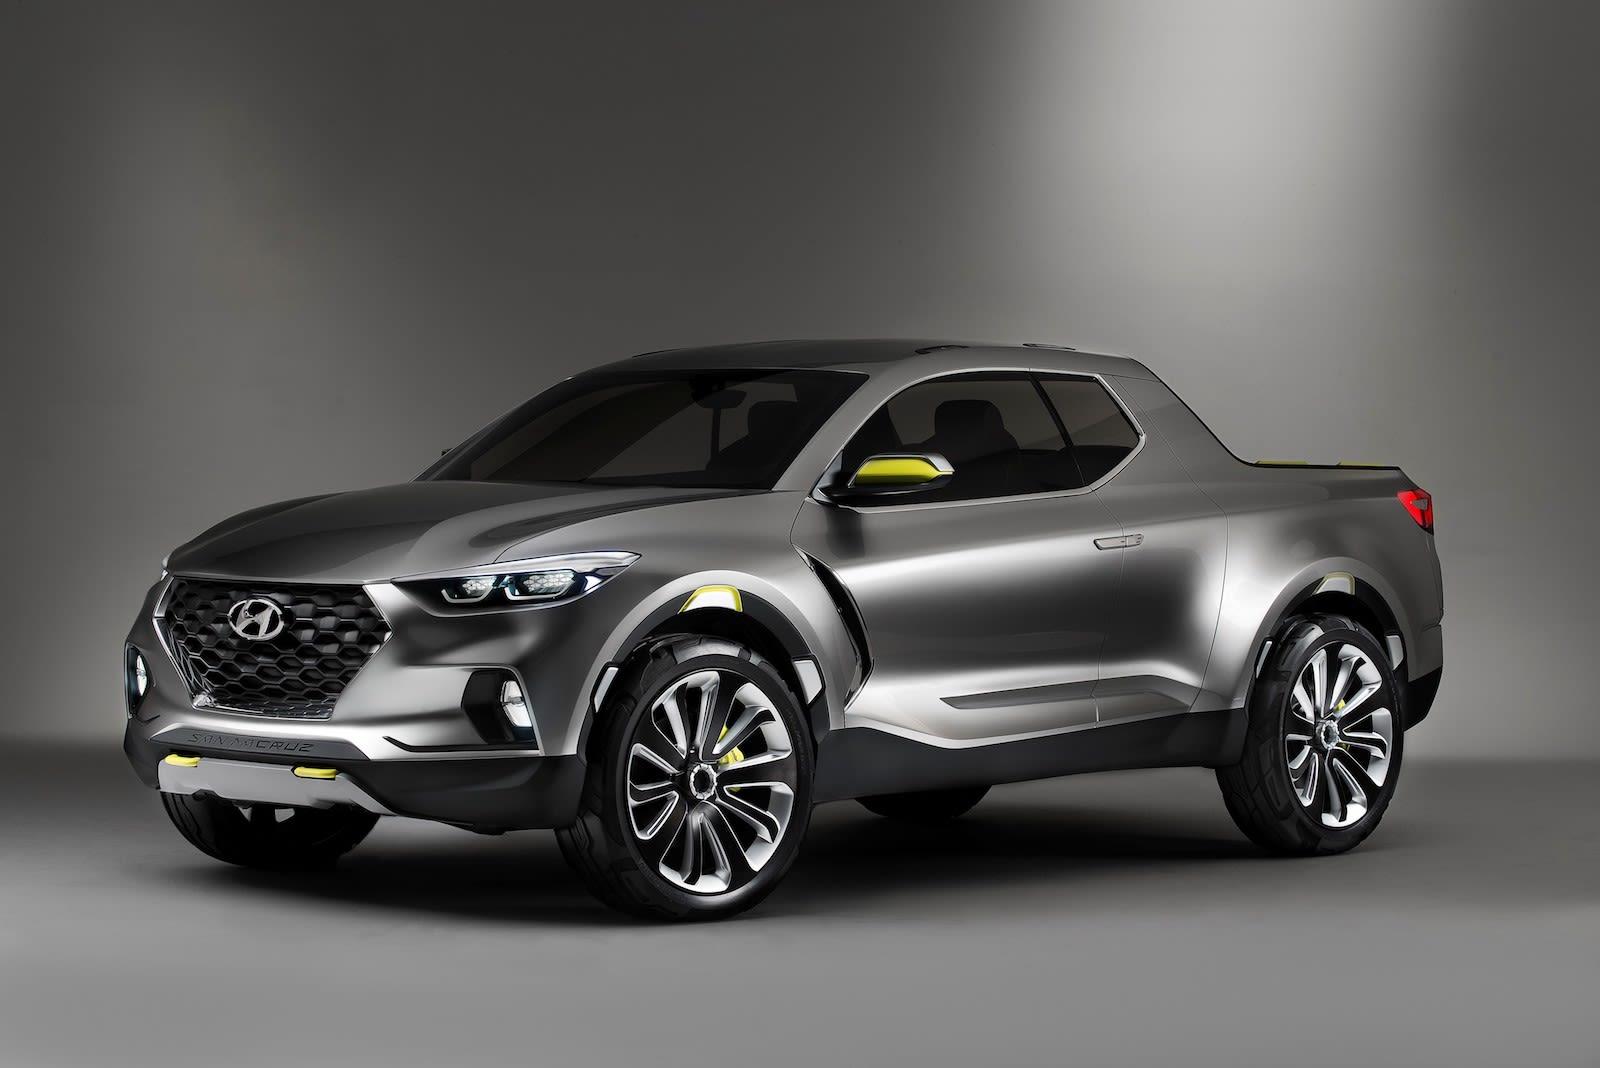 Hyundai will make its Santa Cruz pickup trucks at its Alabama plant in 2021